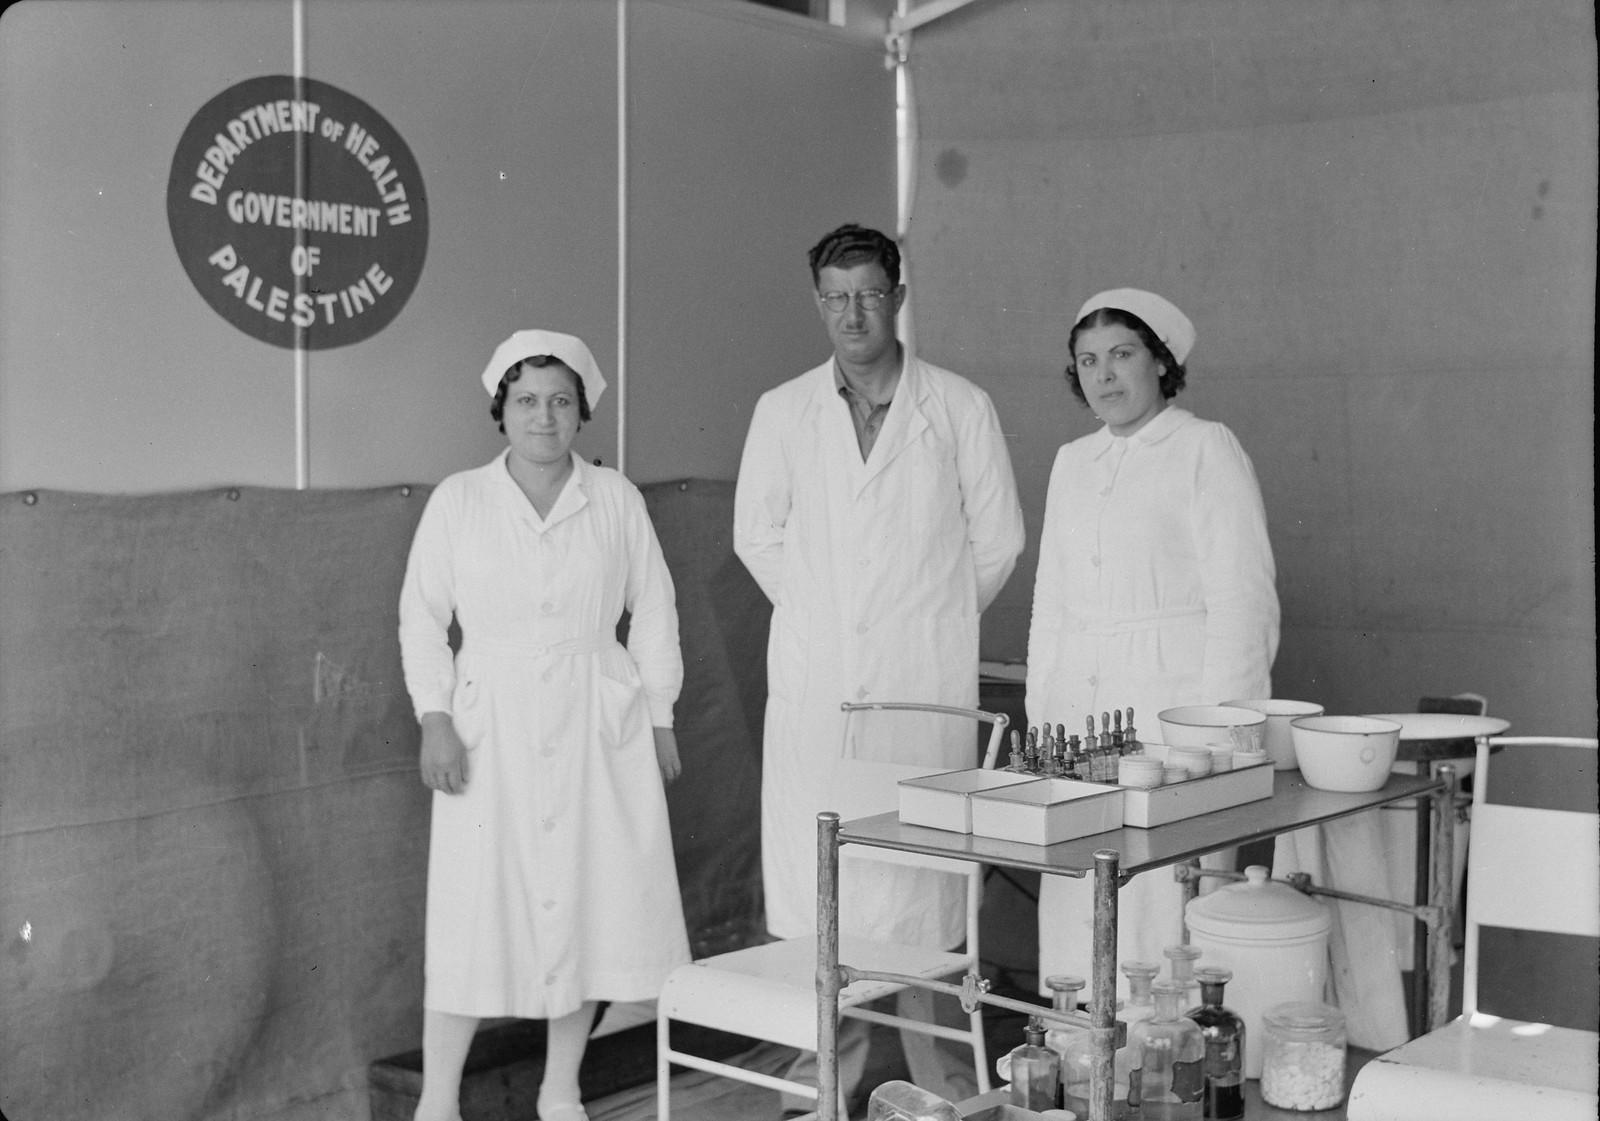 Врач и медсестры готовы к работе